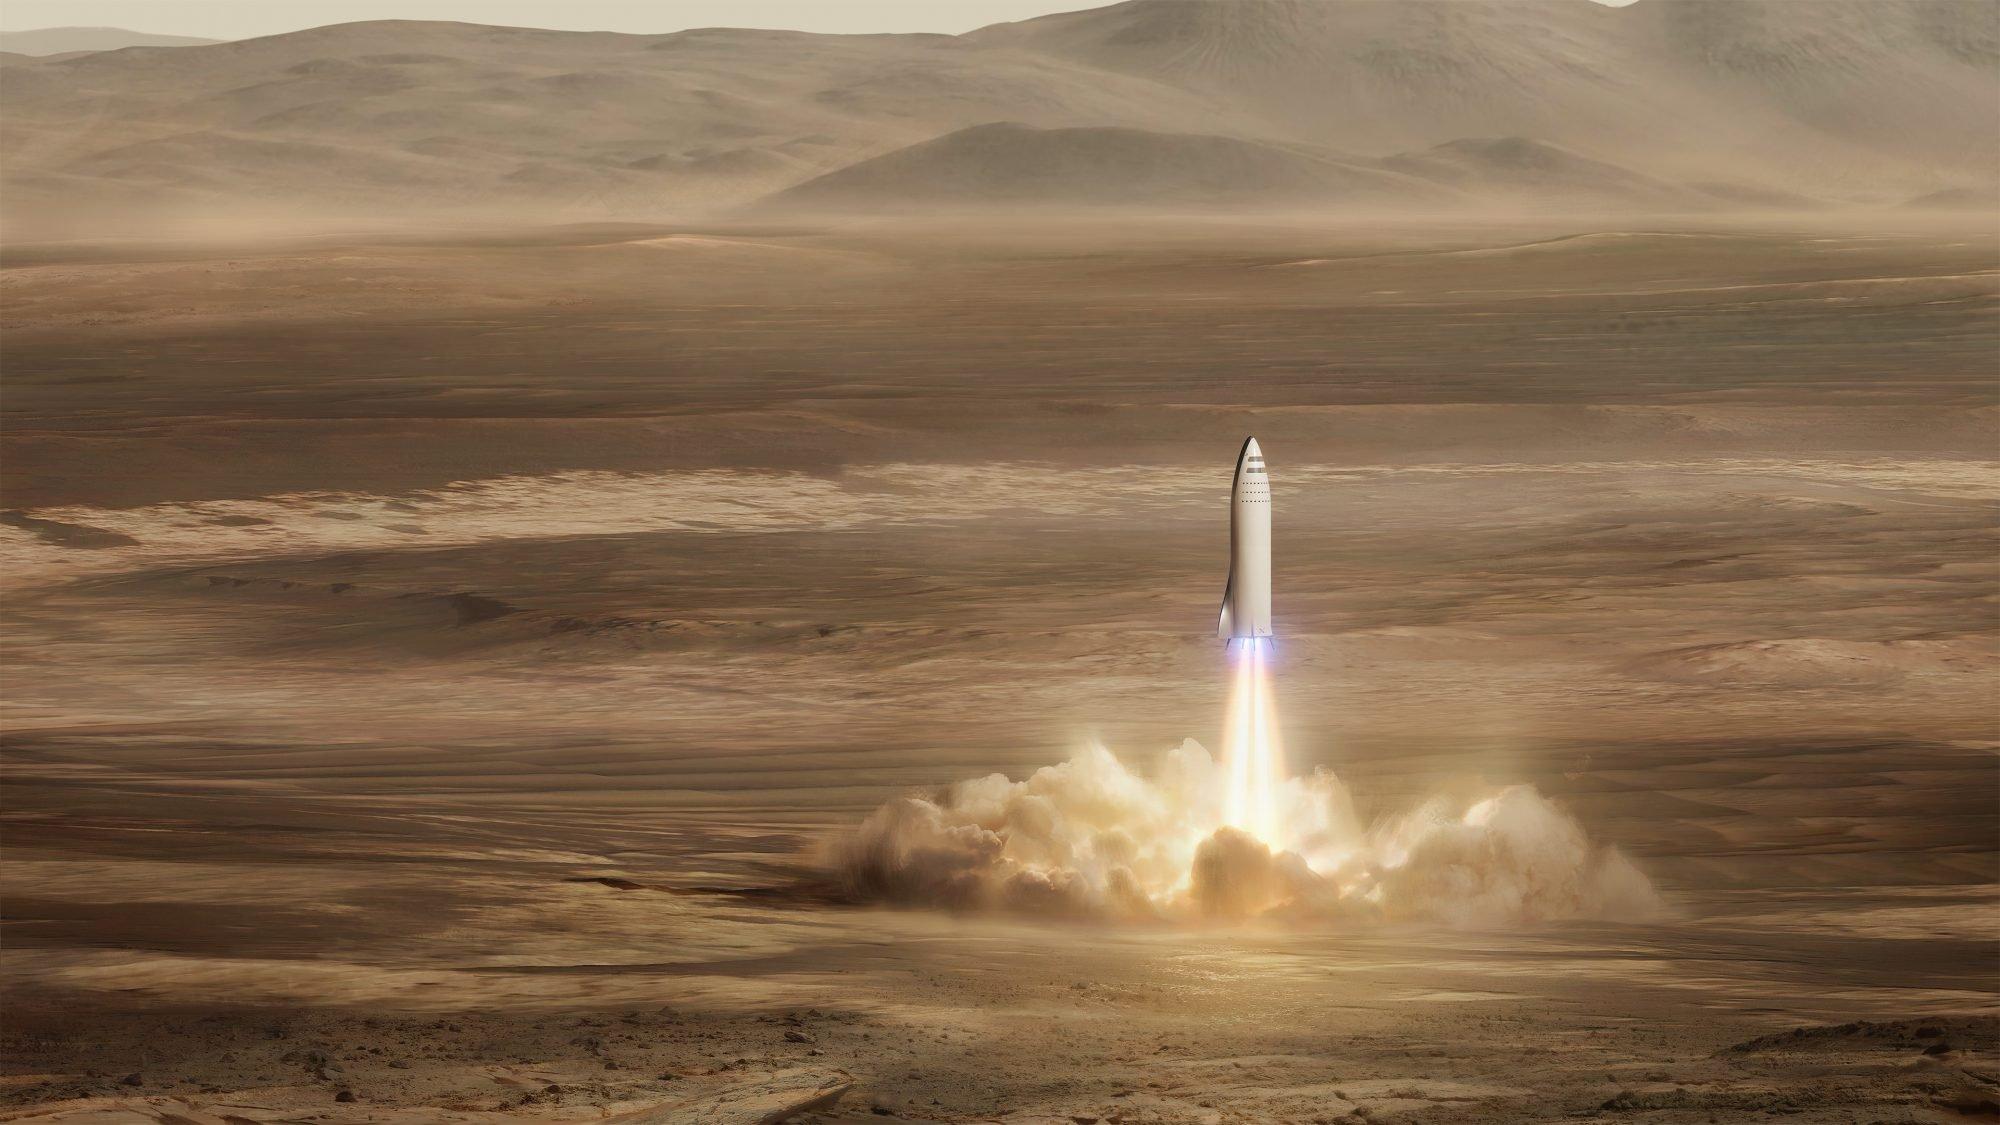 El gran cohete de Marte de SpaceX podría ayudar a perseguir al asteroide interestelar Oumuamua 5